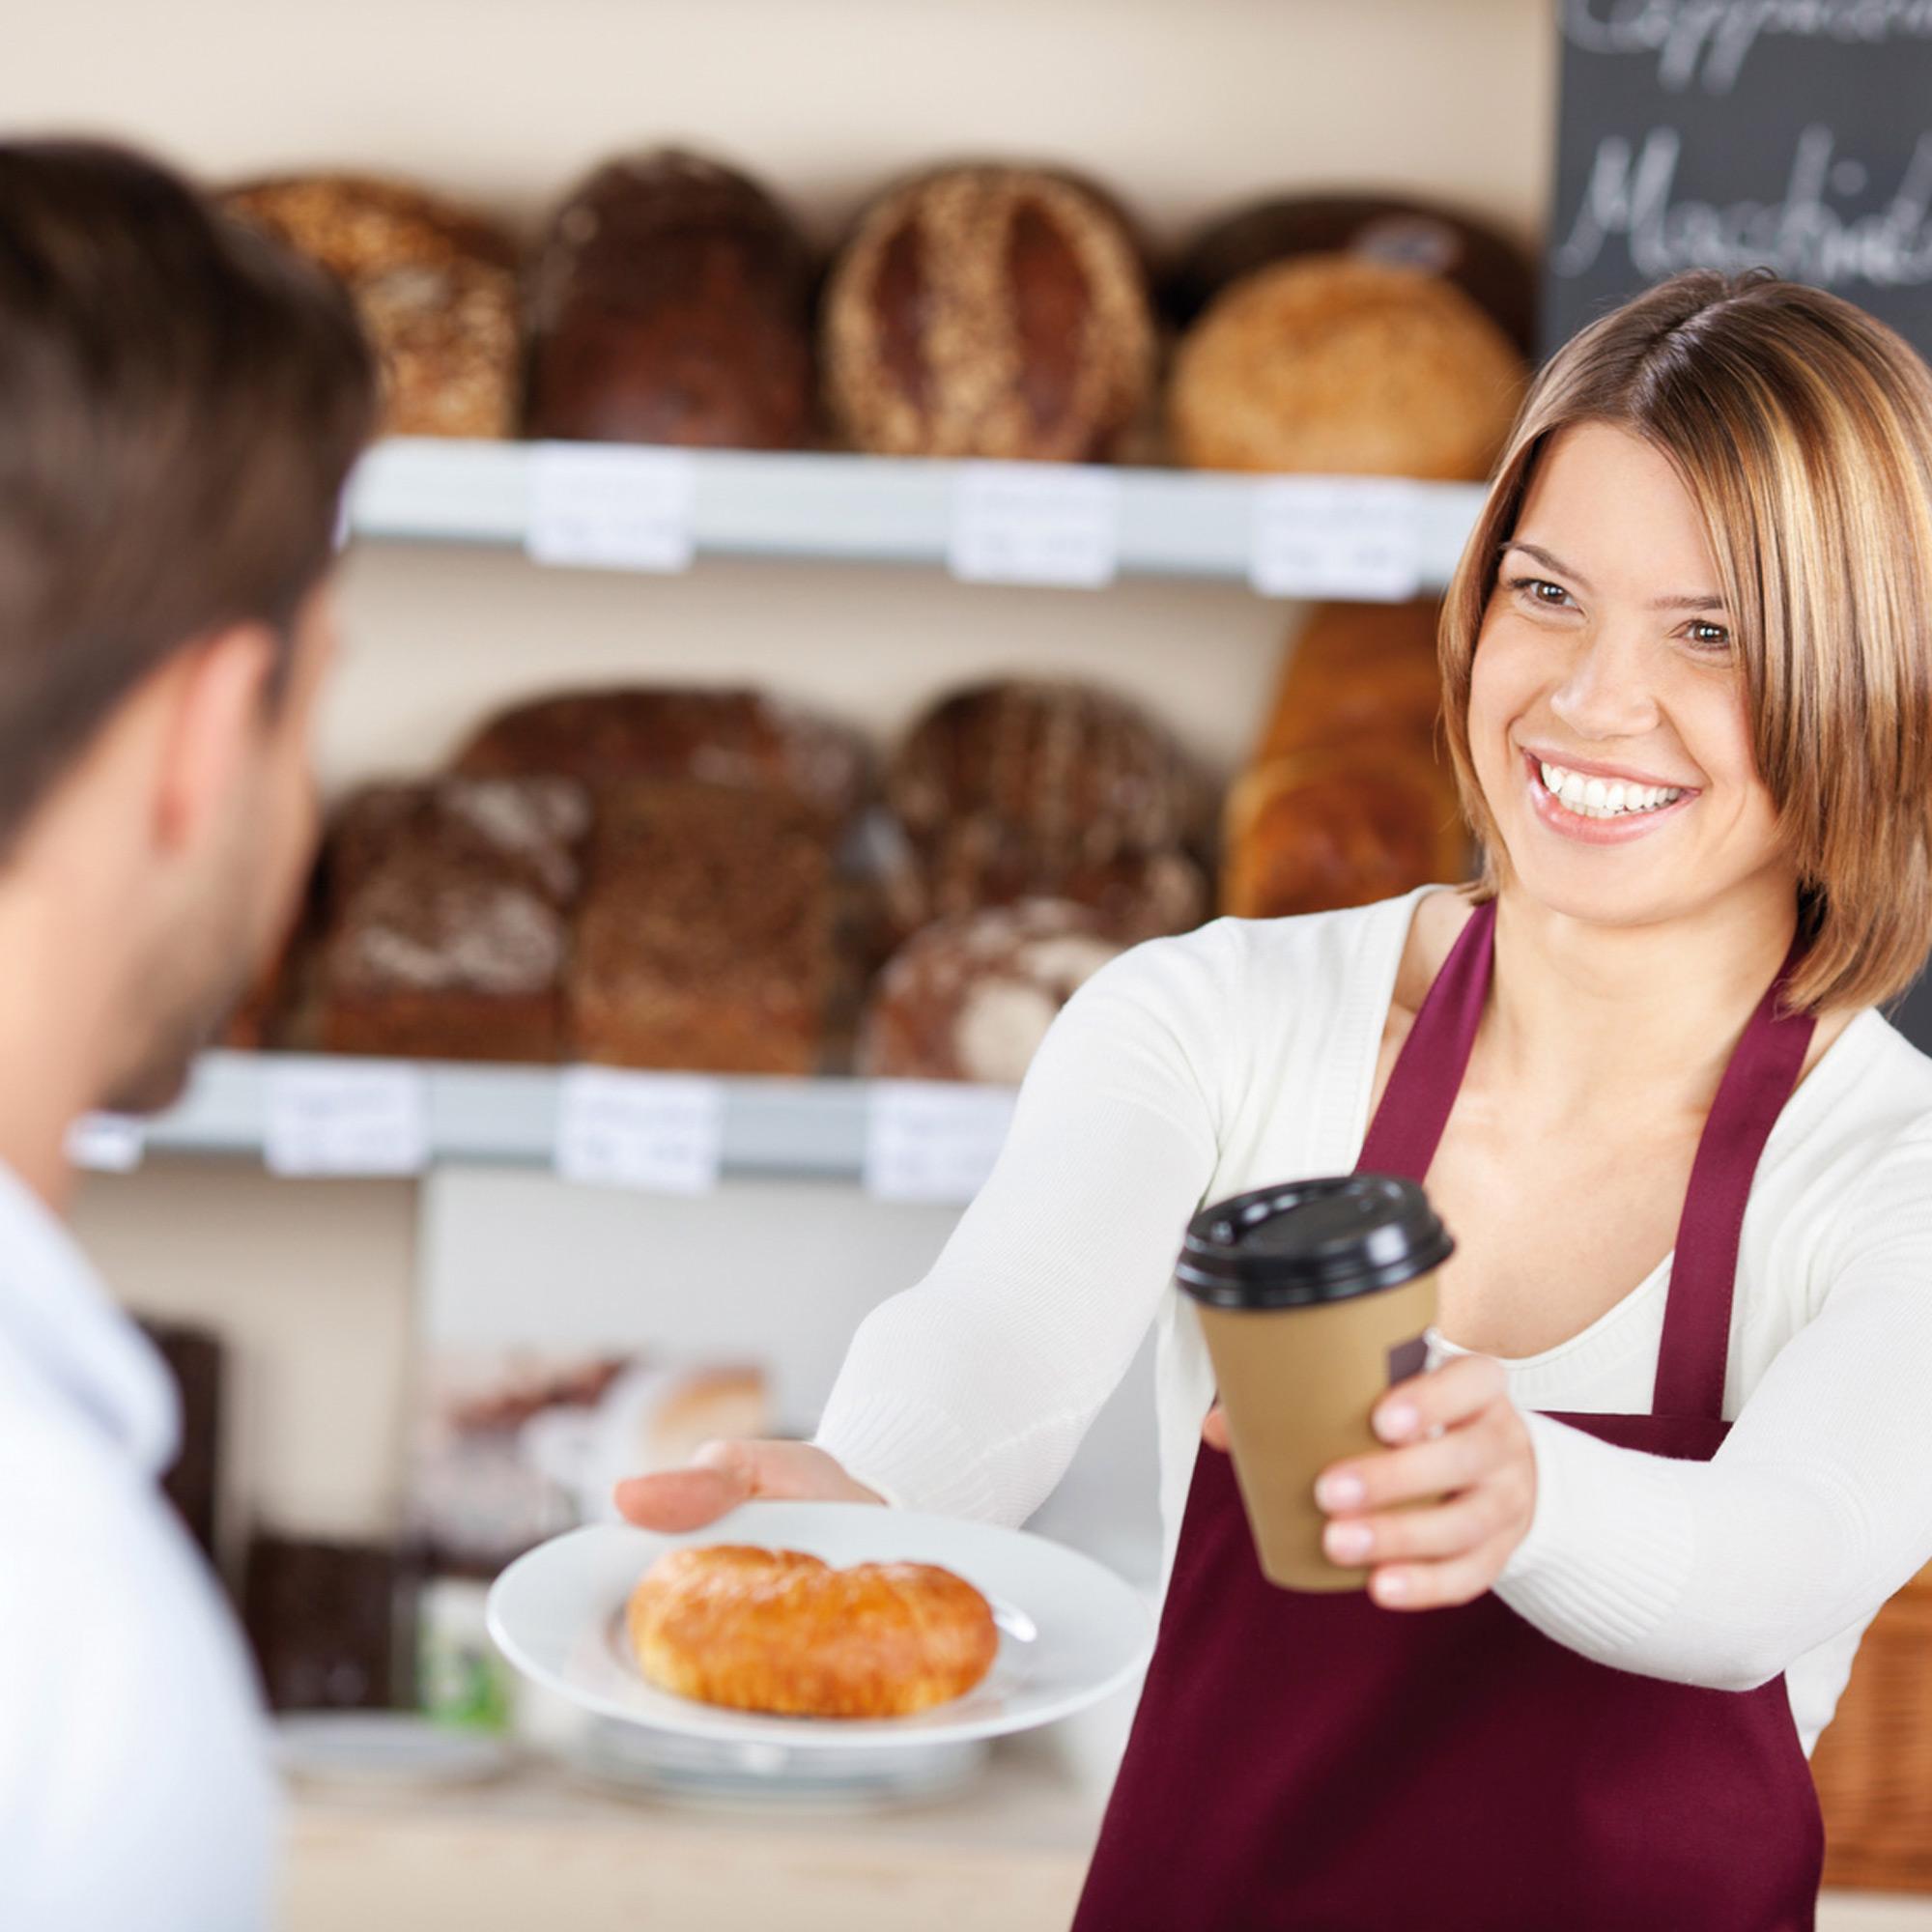 Verkäuferin eines geplanten Café in der studiosus 5 Wohnanlage reicht Kunden Croissant und Kaffee